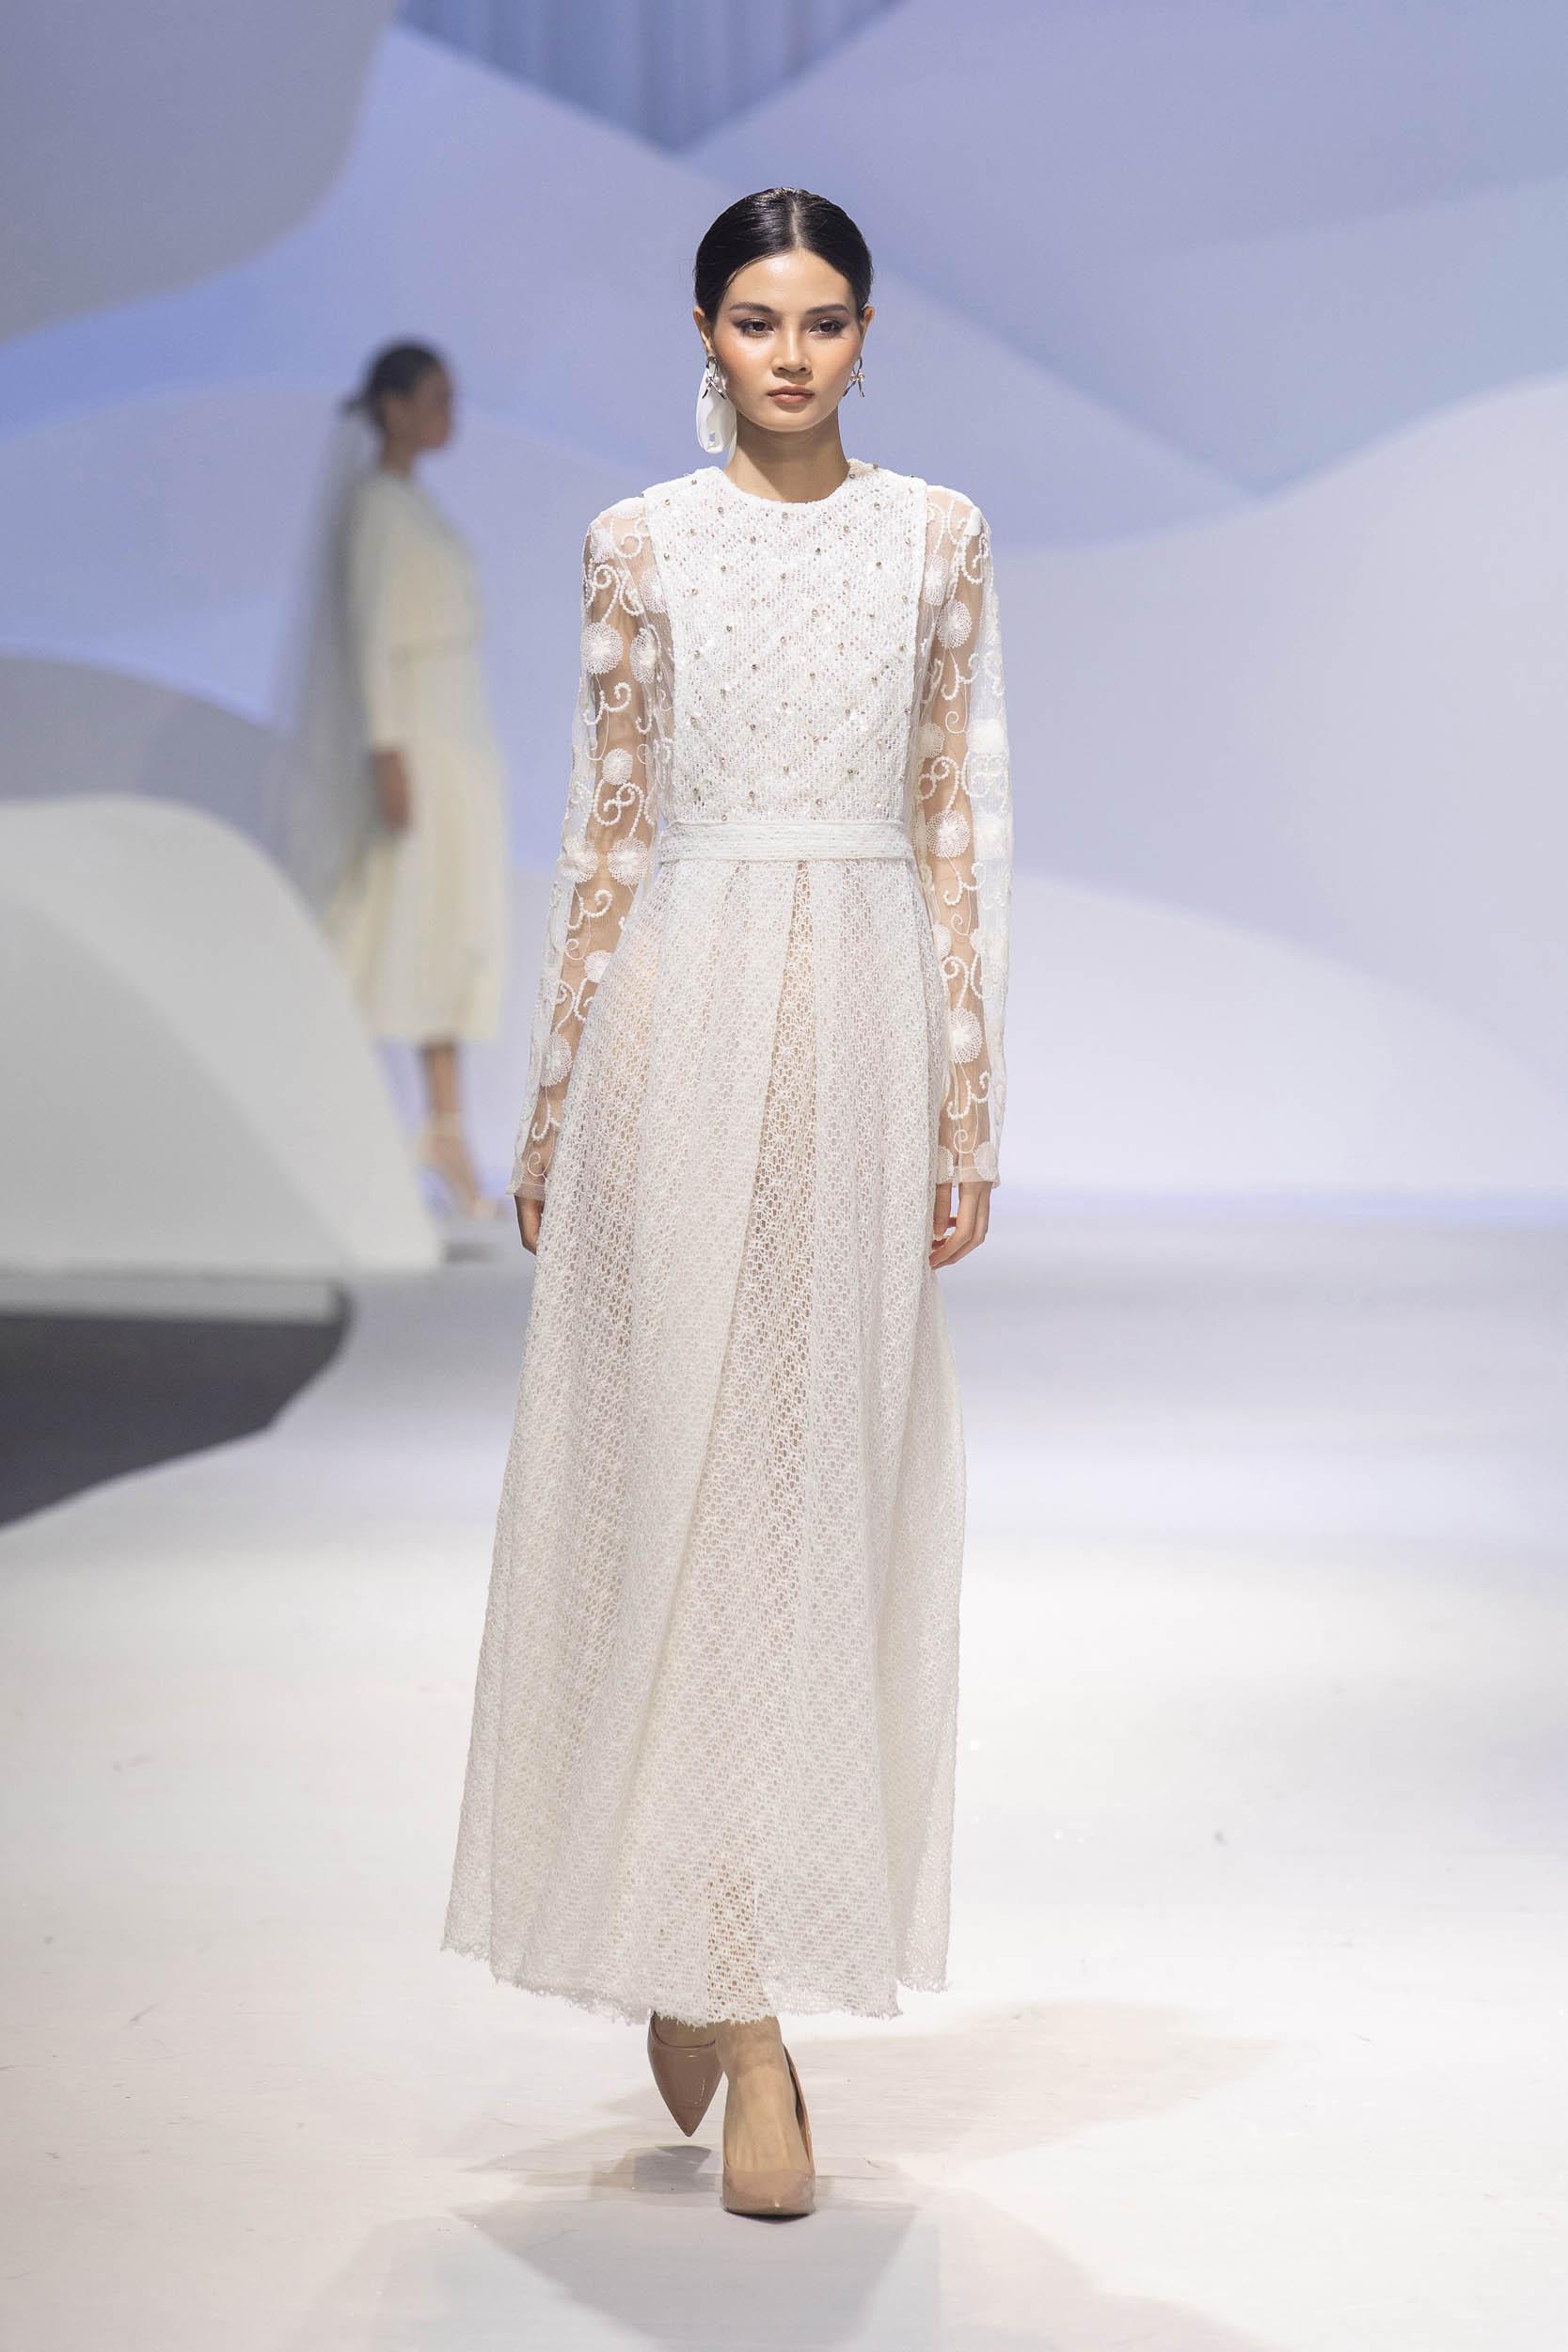 BST Decos Bridal Fall 2020 của NTK Nguyễn Phương đông cùng váy cưới chất liệu vải tweet